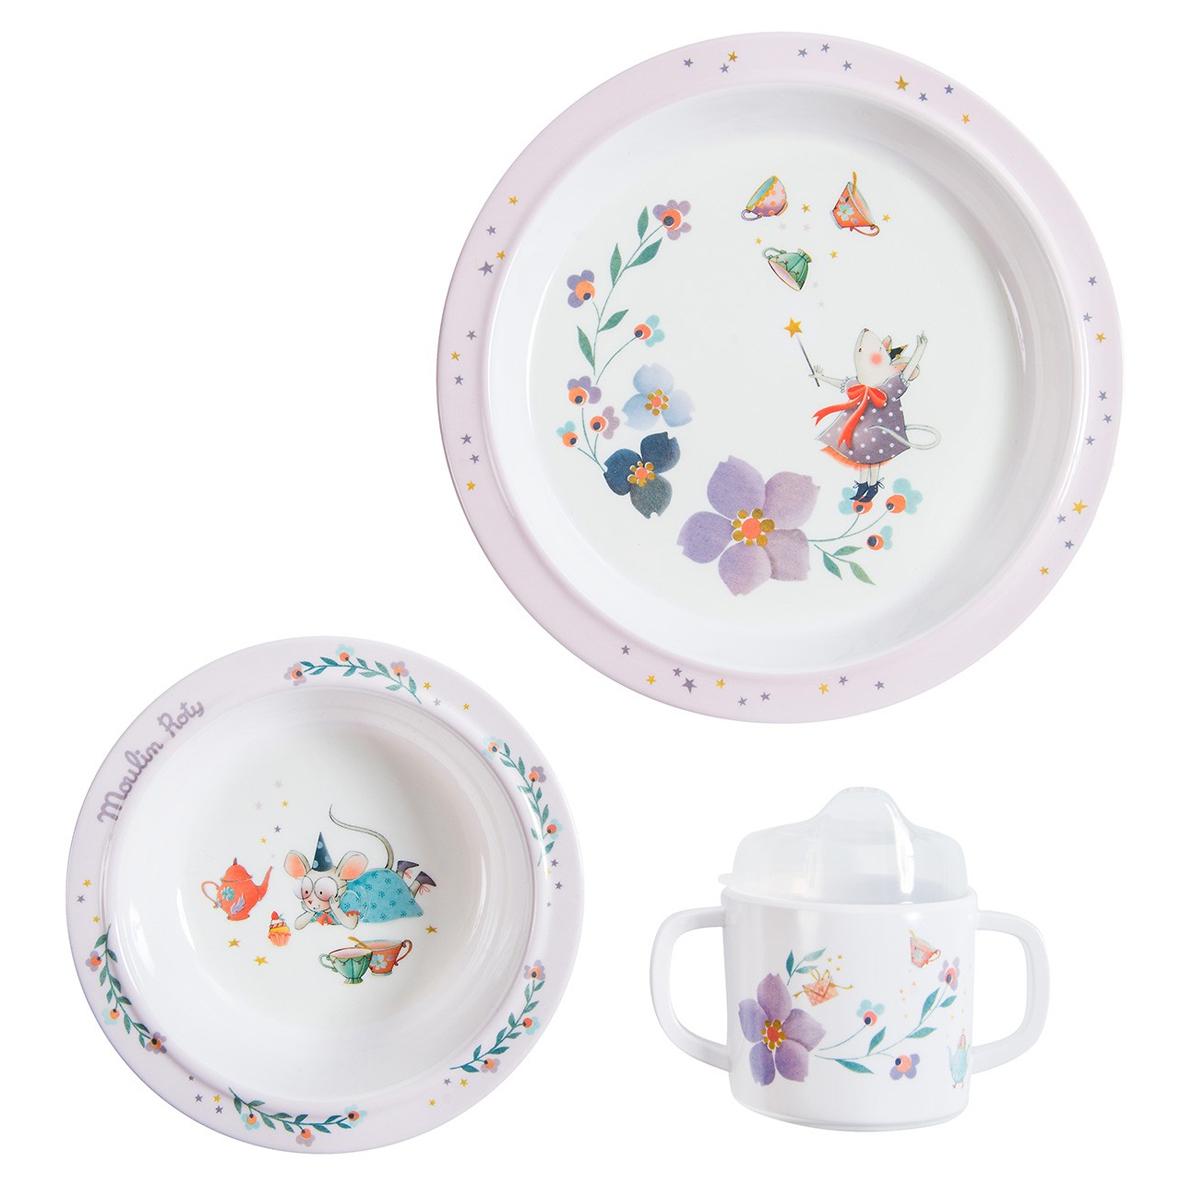 Coffret repas Set Vaisselle 3 Pièces - Il Etait Une Fois Moulin Roty - AR201901230036